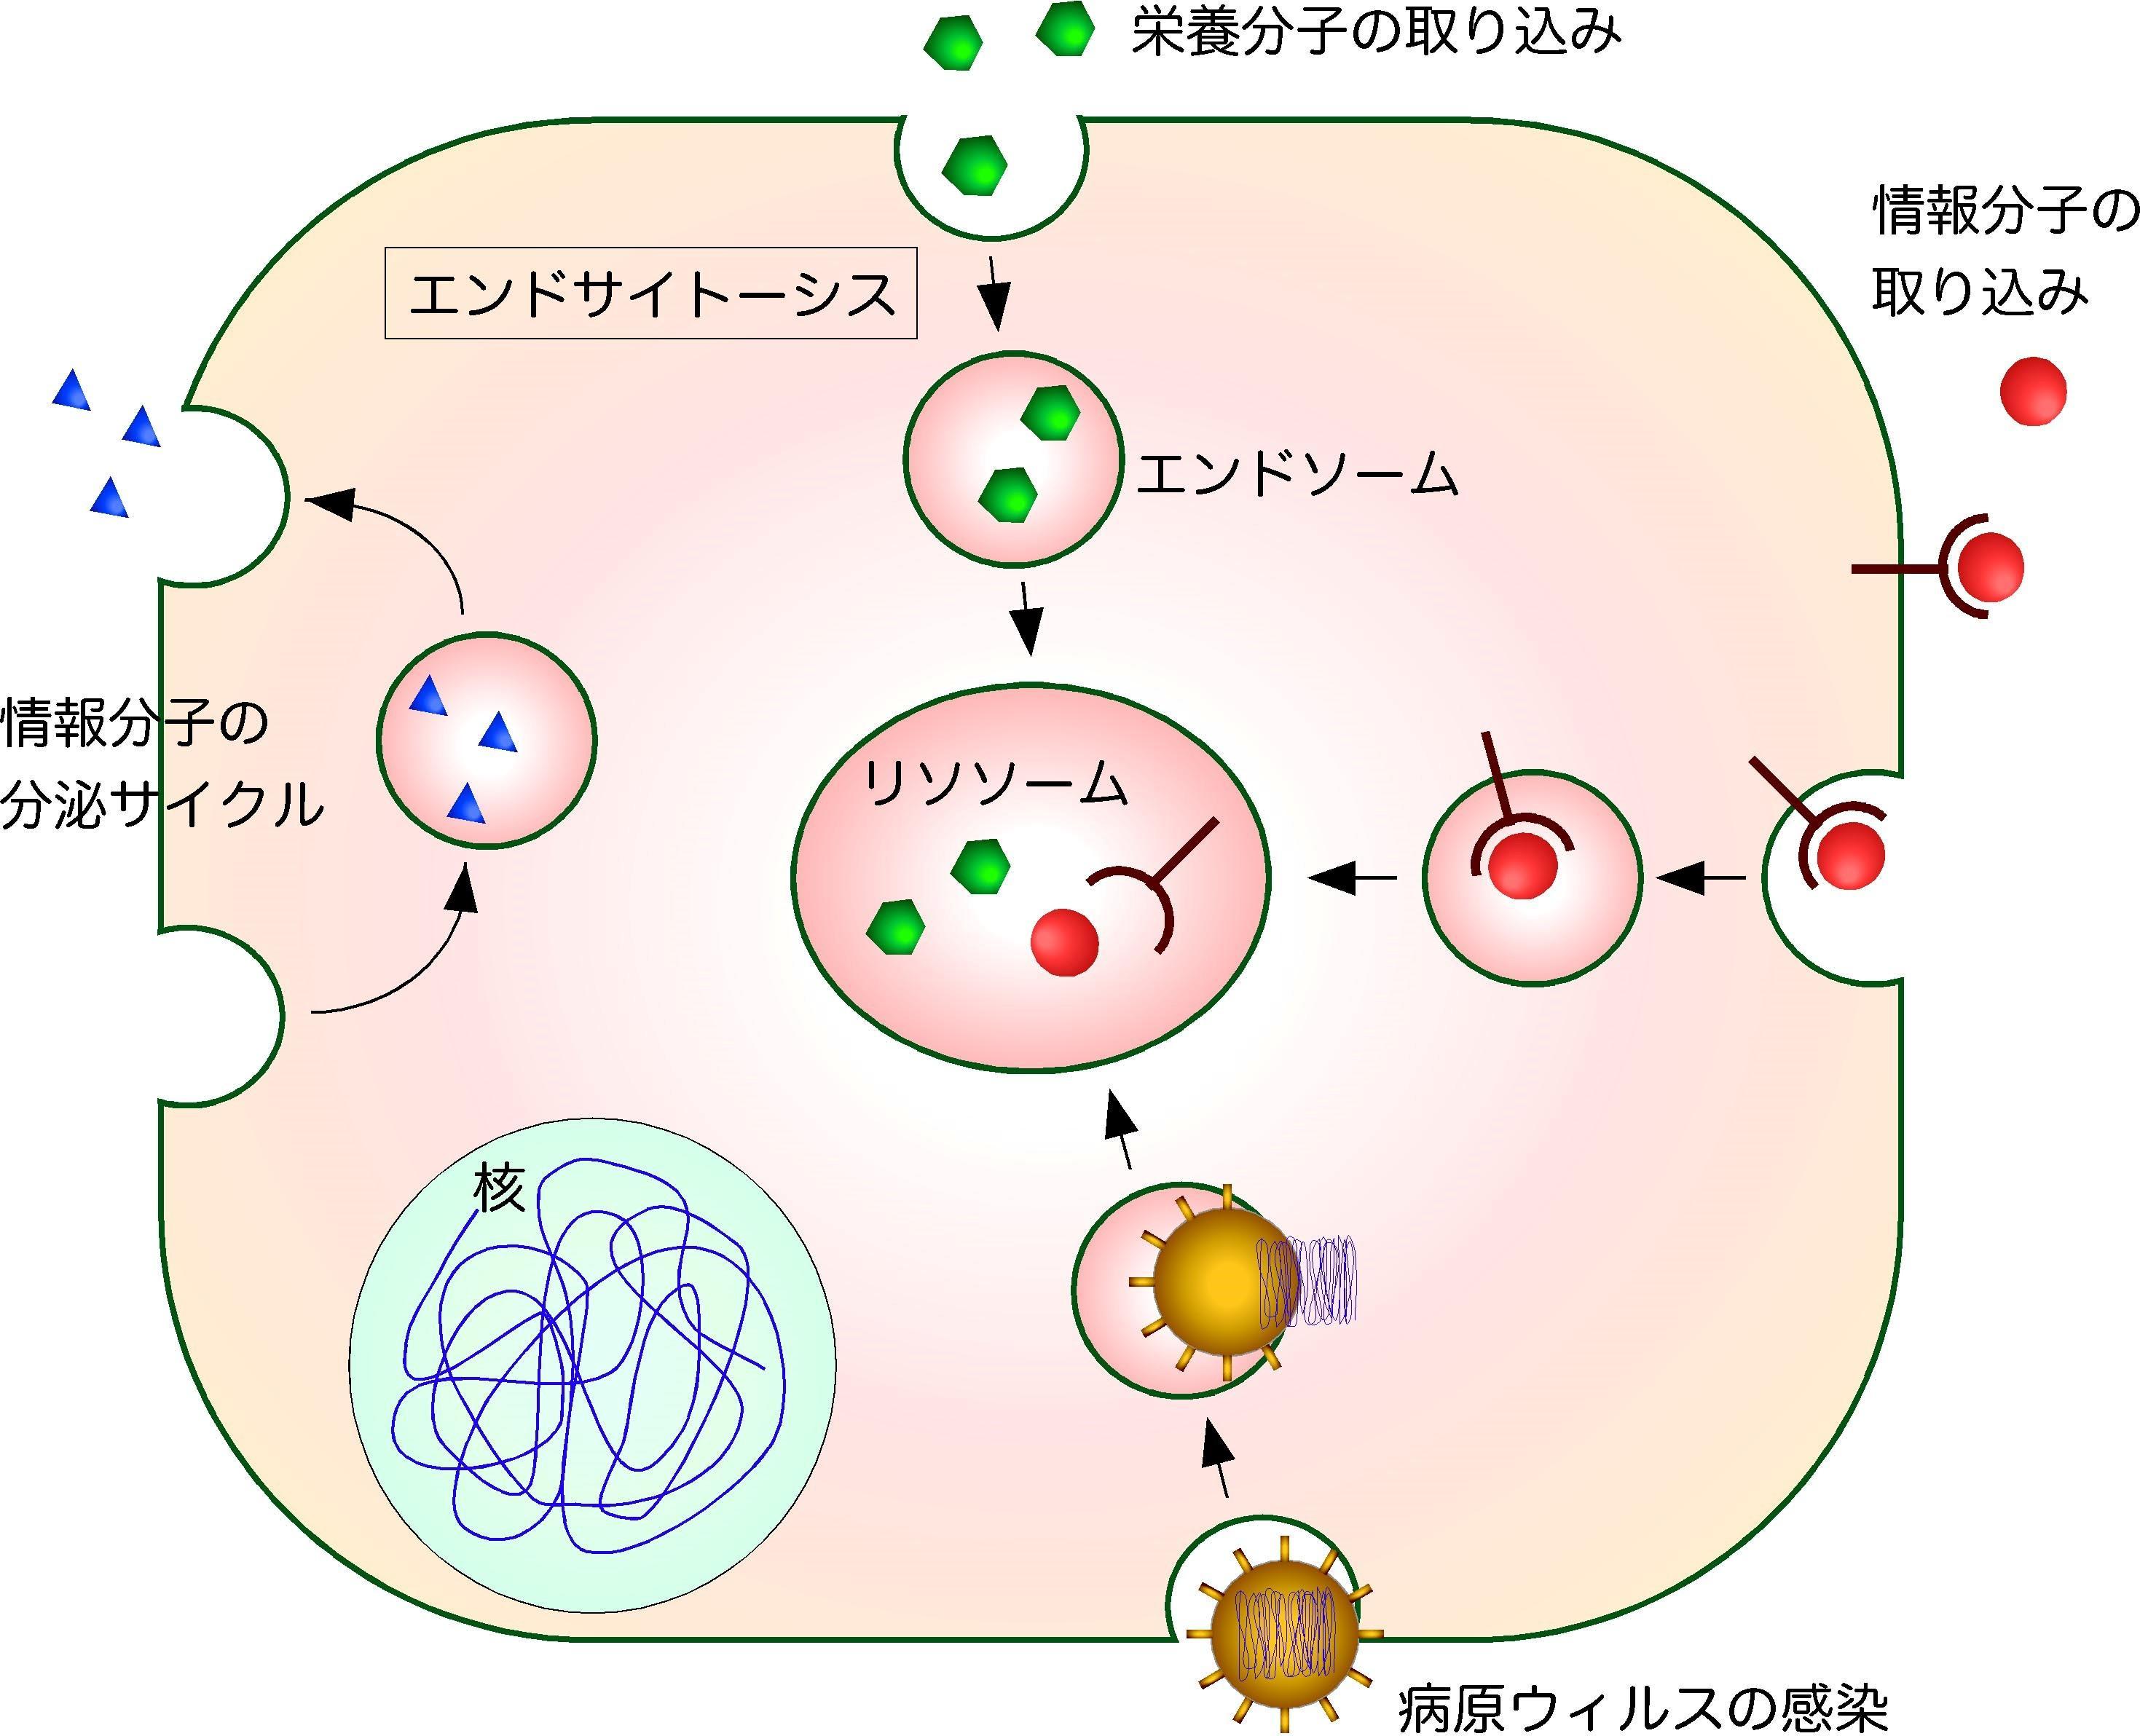 細胞に取り込まれた分子を選別する細胞内小器官エンドソームの新しい形成メカニズムの発見 ~ゴルジ体によるエンドソーム形成の制御機構を解明~ 東京工科大学